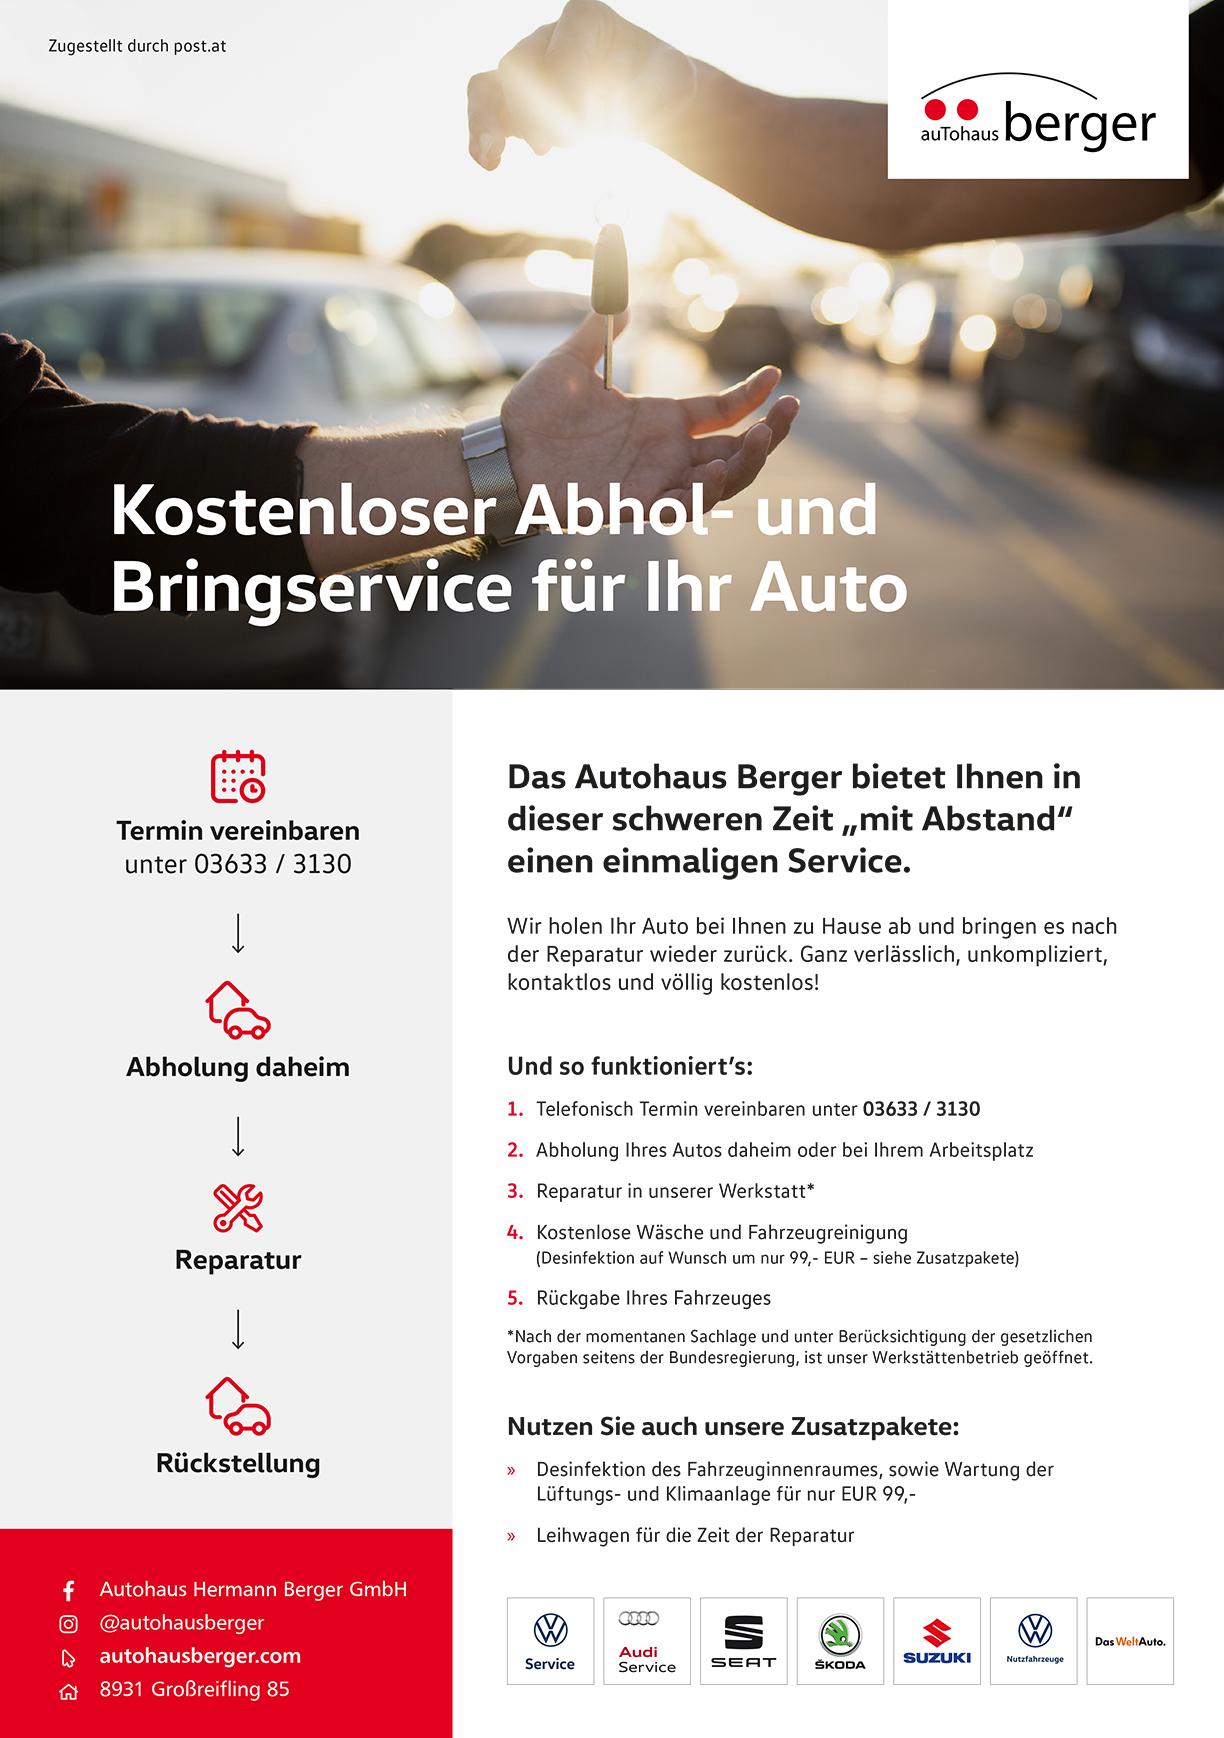 Postwurf für kostenlosen Autohaus Berger Abhol- und Bringservice.